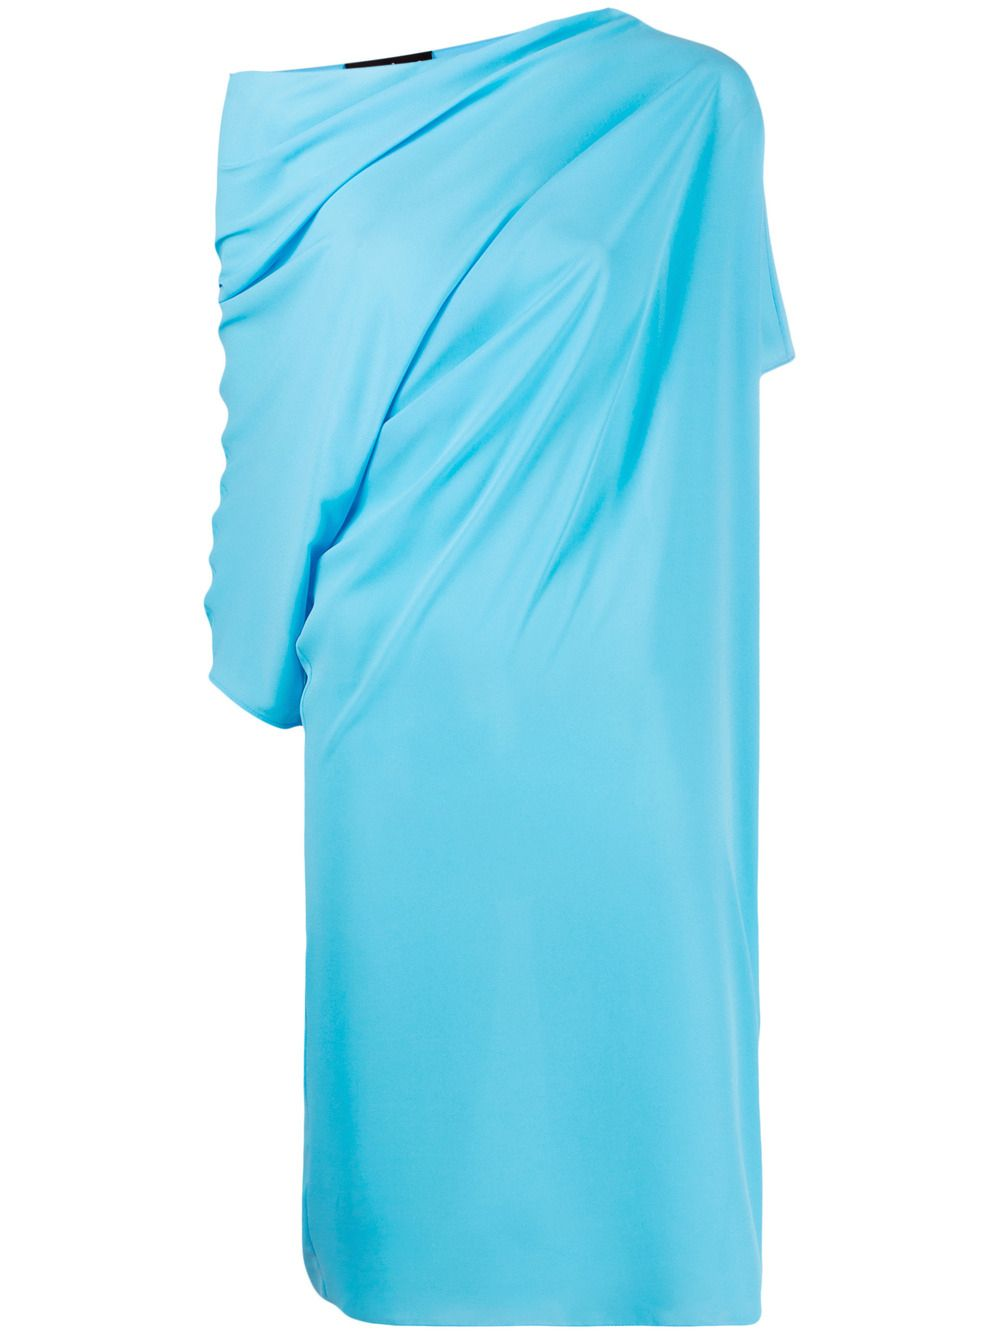 Abito blu drappeggiato con maniche asimmetriche e dettagli arricciati GIANLUCA CAPANNOLO | Abiti | 21EA1167-250 MAJA267